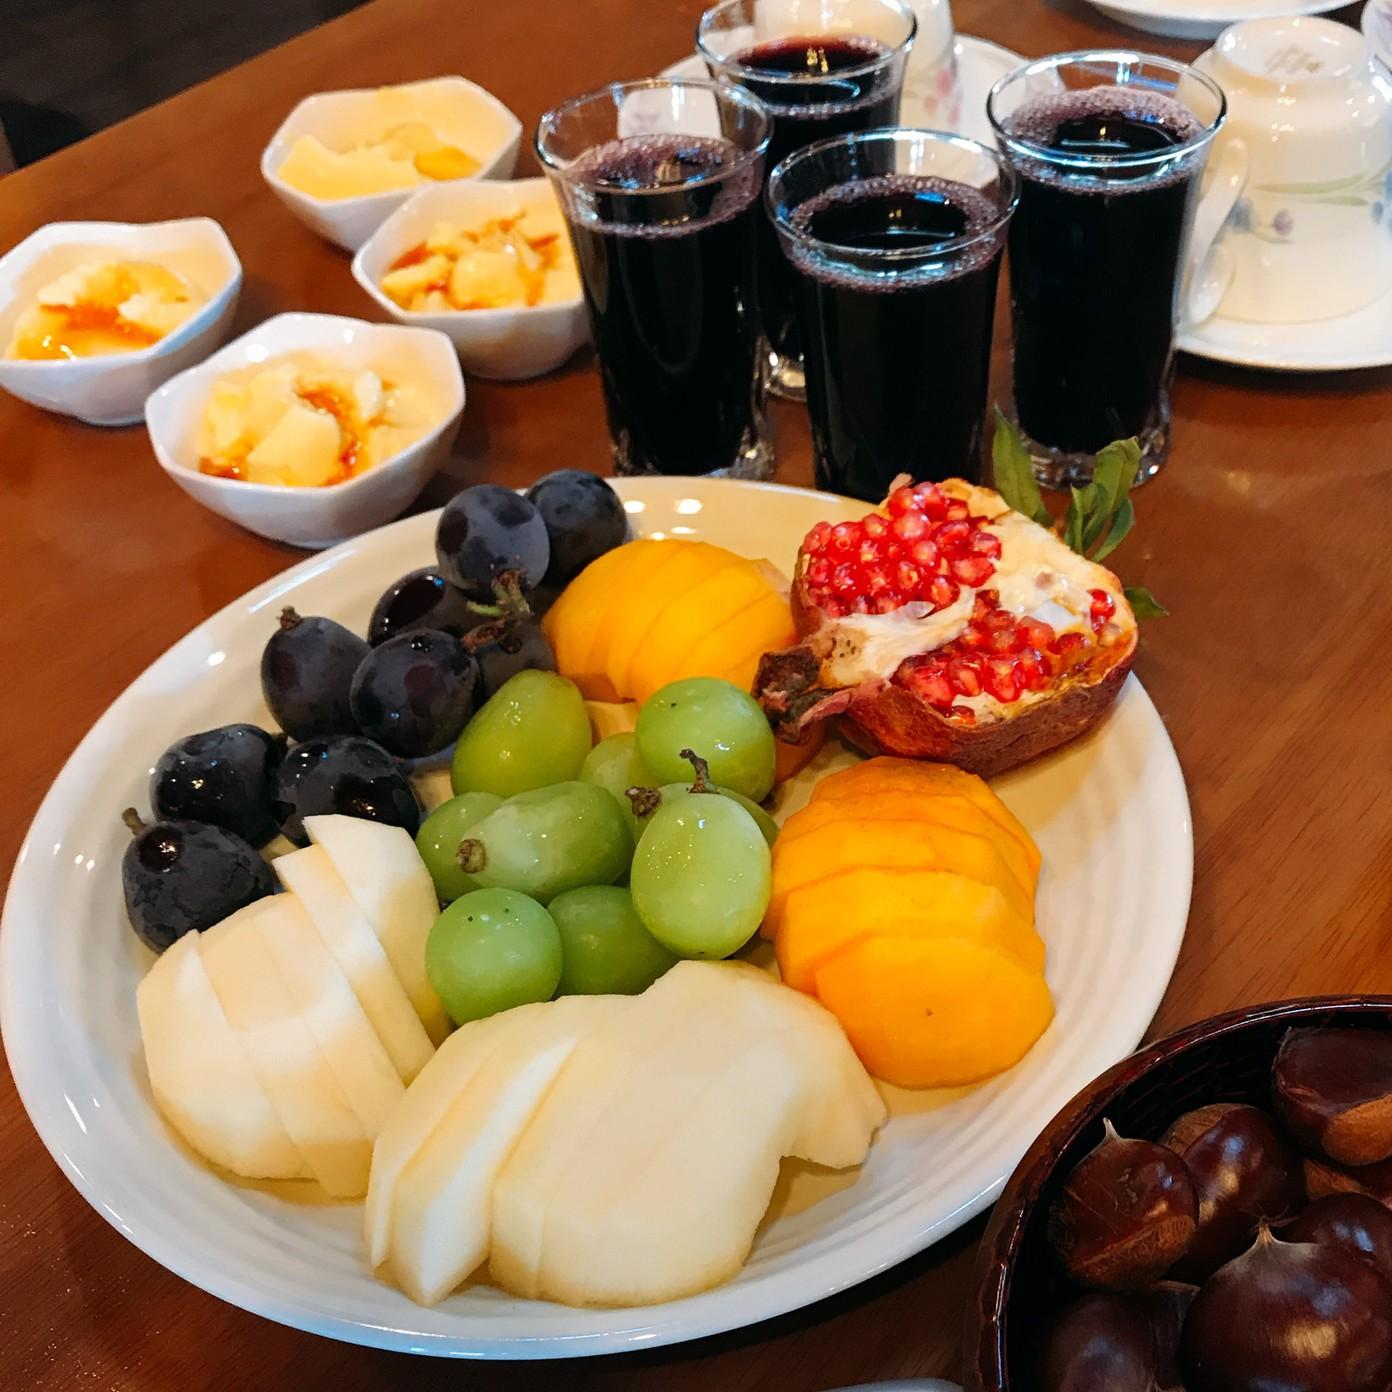 季節の果物、自然の実りをいただきます。